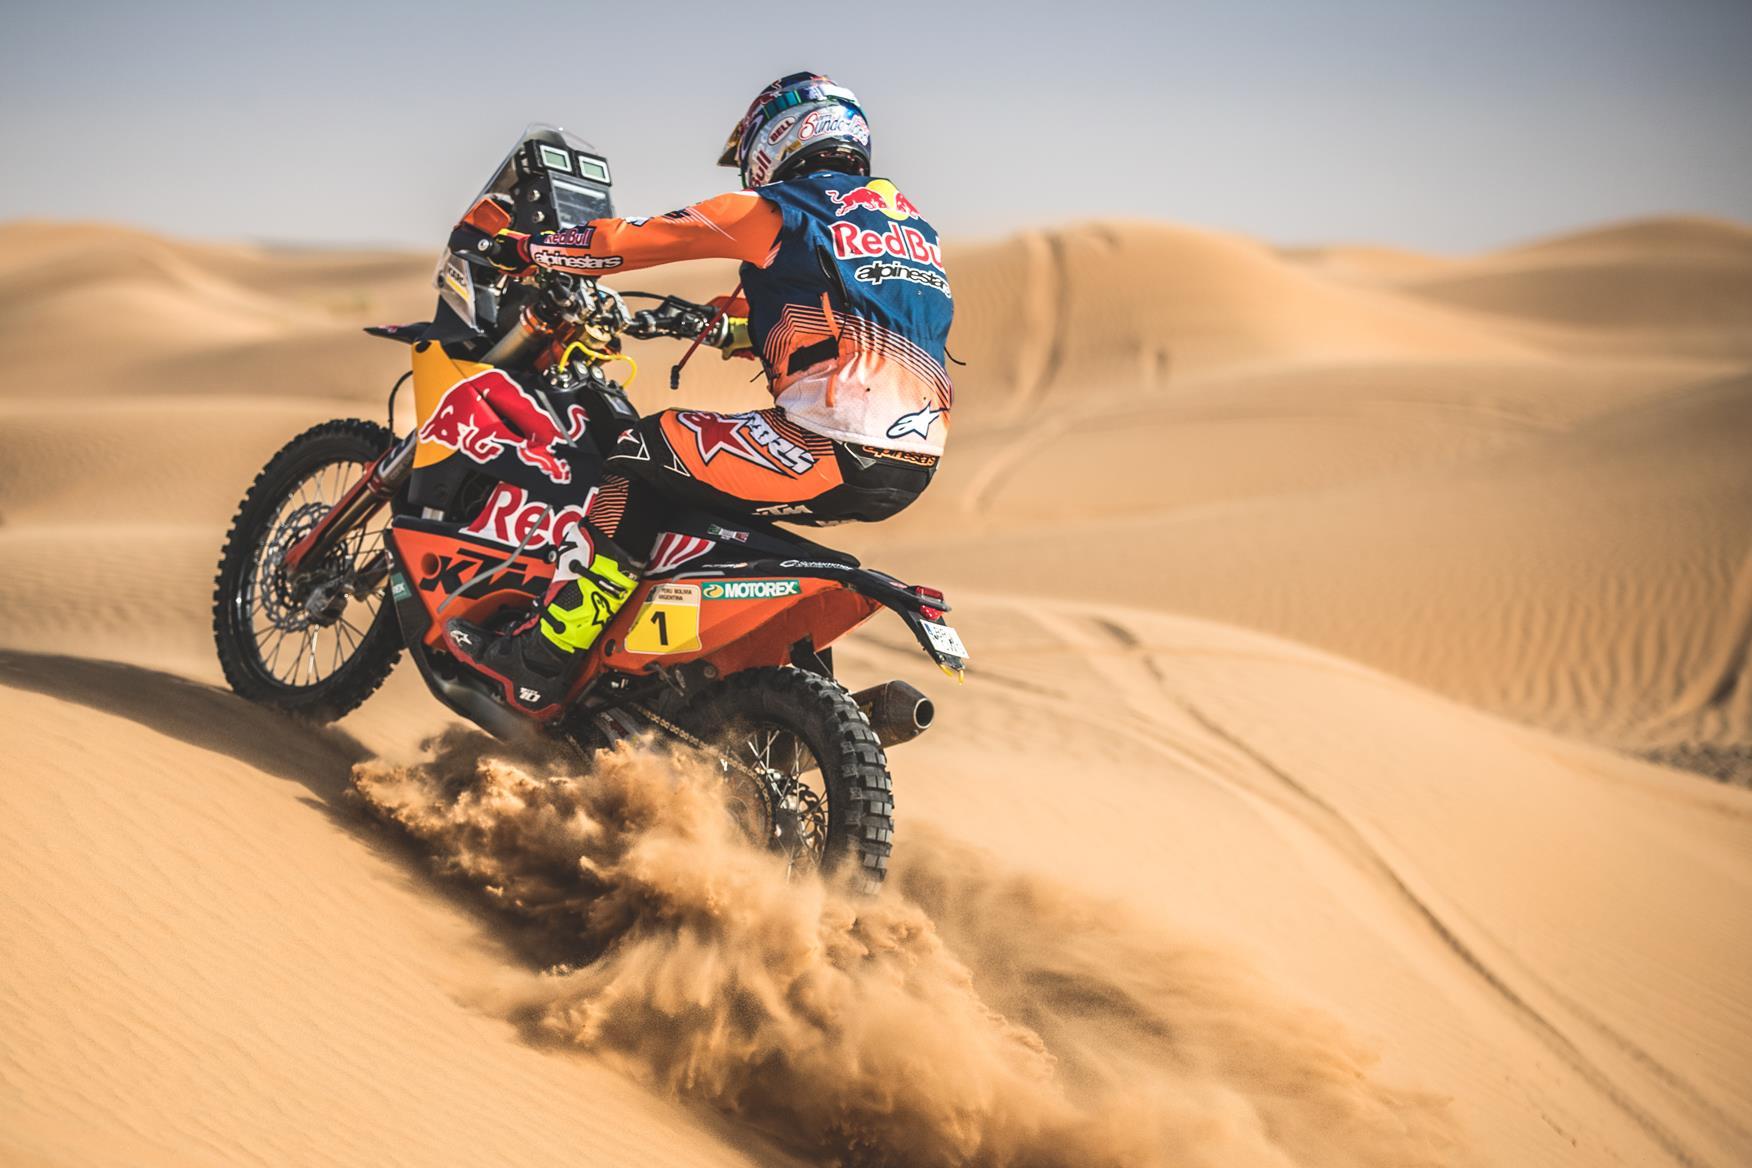 Dakar 2018: Brits ready for hardest race